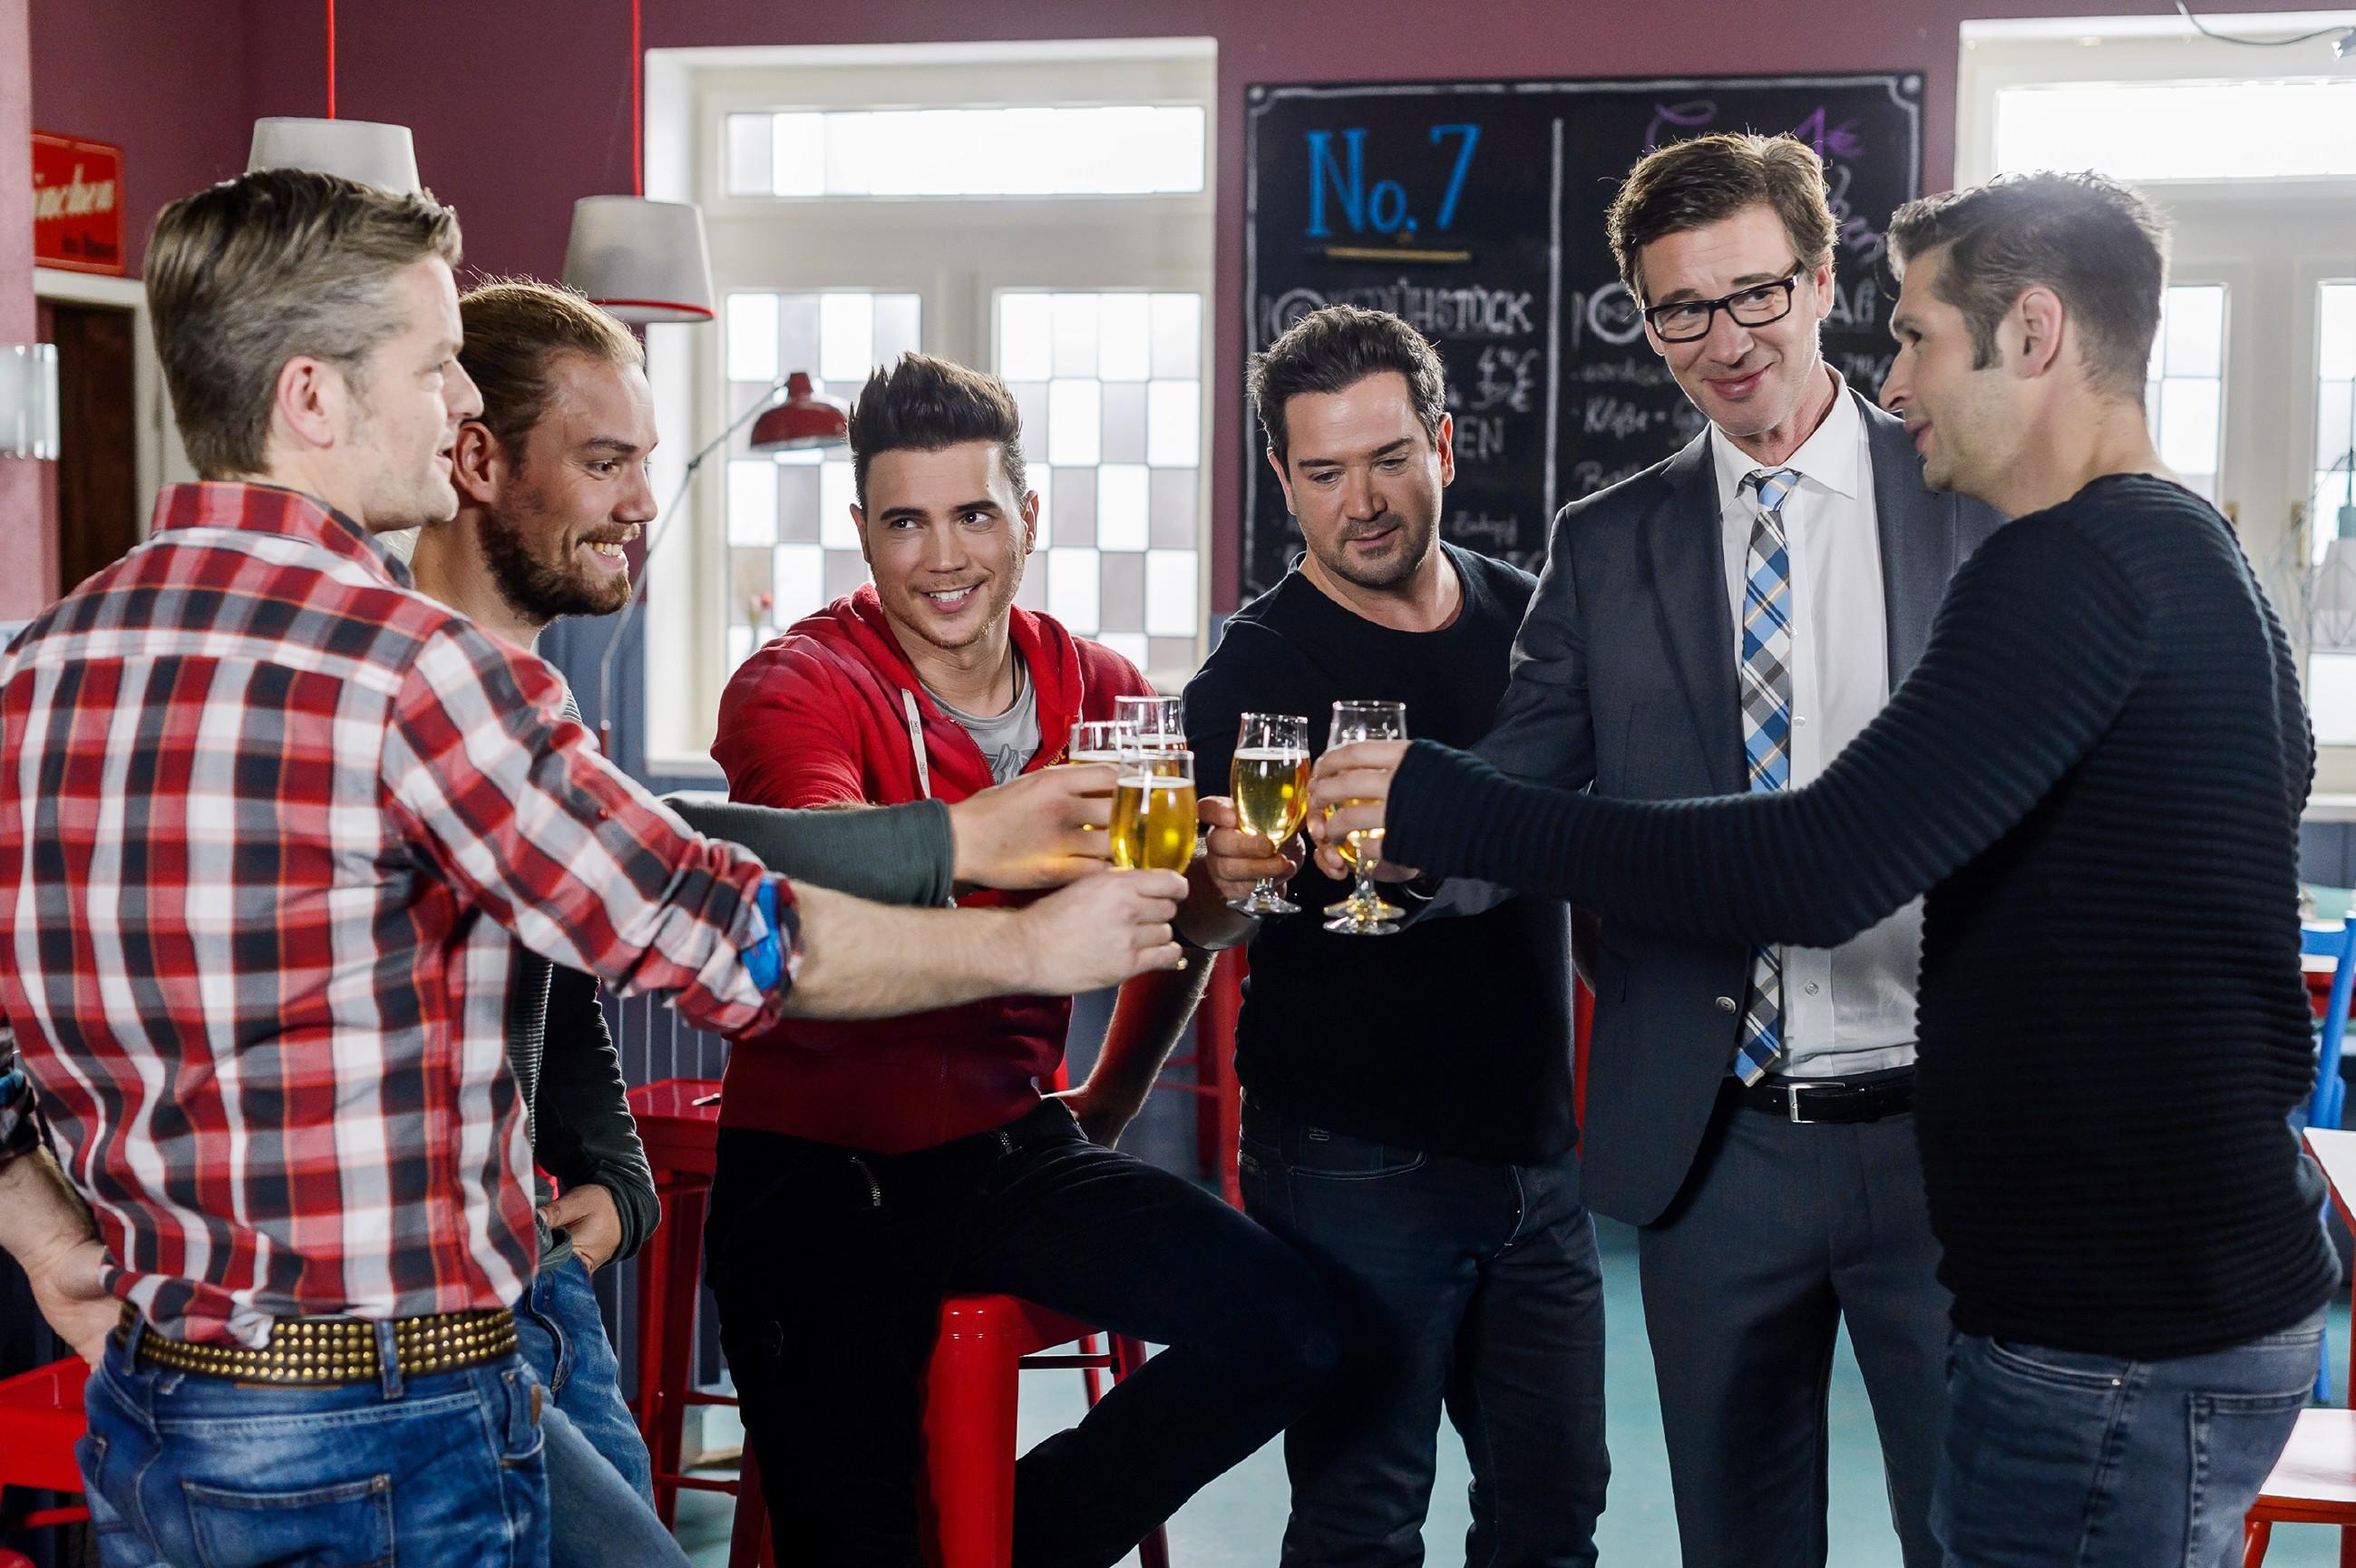 """Christoph (Lars Korten, 2.v.r.) trifft sich mit (v.l.) Ingo (André Dietz), Leo (Julian Bayer), Ronny (Bela Klentze), Marian (Sam Eisenstein) und Deniz (Igor Dolgatschew, r.) auf ein Bier, um selbstironisch seinen letzten Tag als """"richtiger Mann"""" zu feiern, denn ab morgen geht es in die Elternzeit. (Quelle: RTL / RTL / Willi Weber)"""